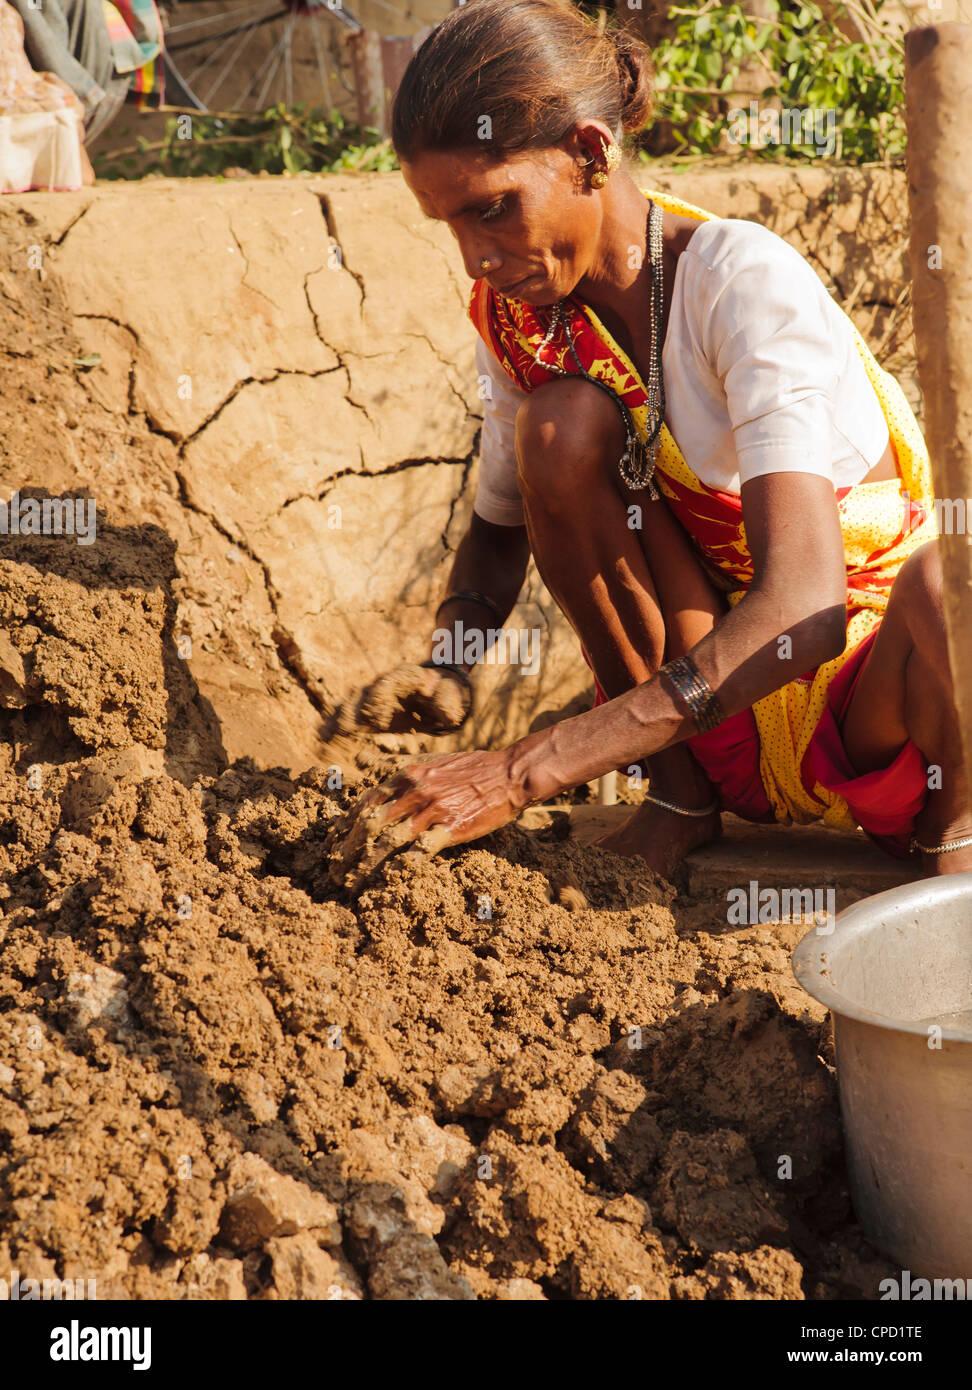 Frau macht Lehmziegeln bauen eine Mauer, Vadodara, Gujarat, Indien, Asien Stockbild